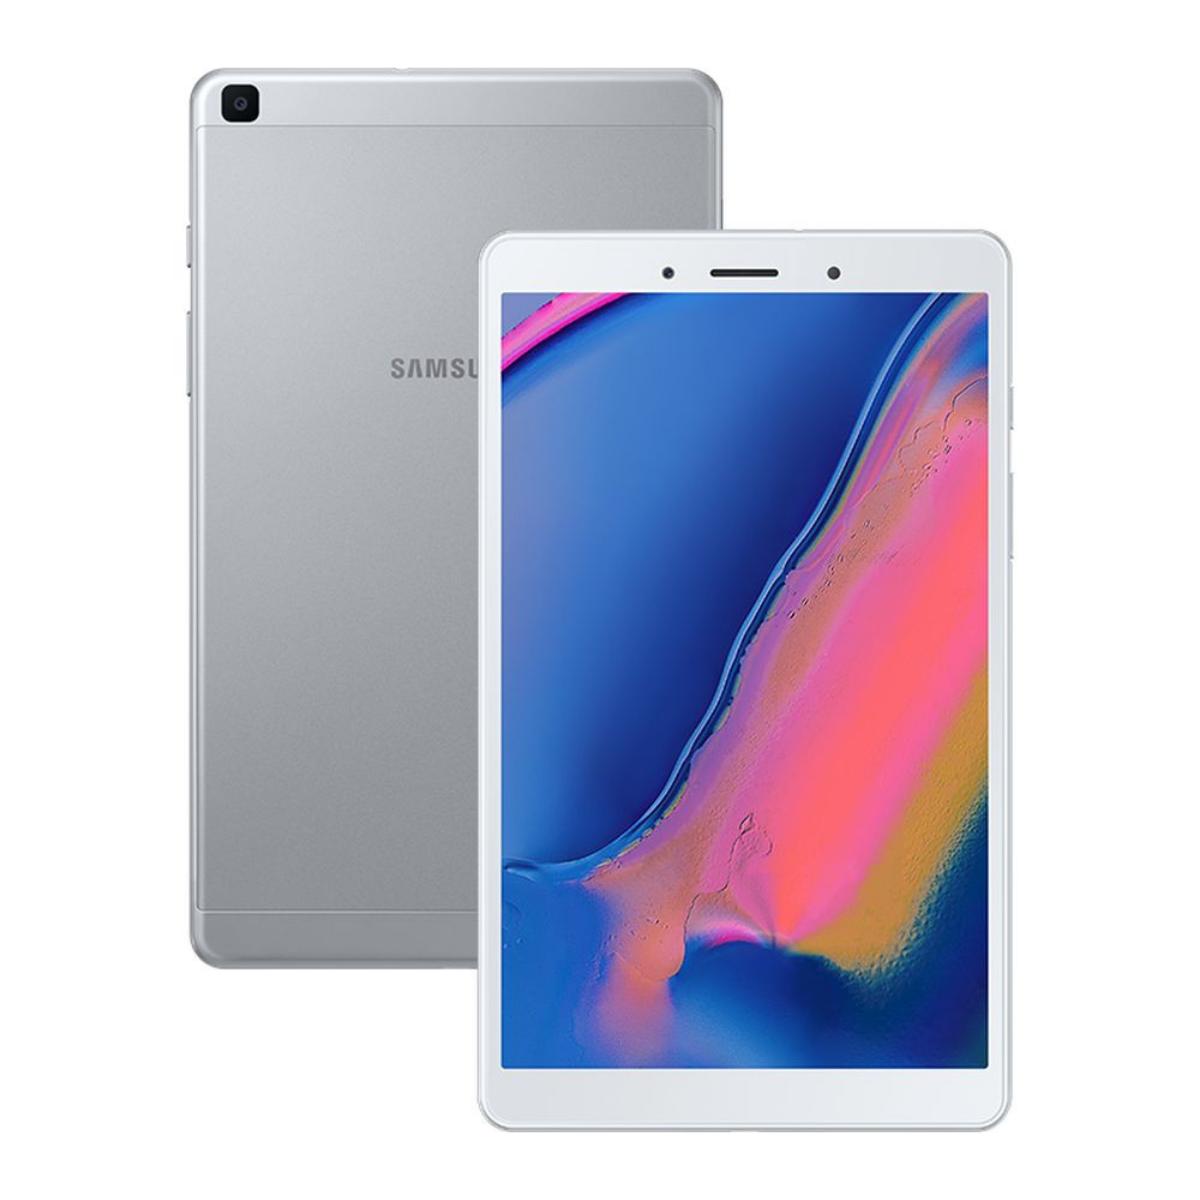 """Samsung Galaxy Tab A SM-T295 8.0"""" (WiFi + Cellular) (Unlocked) 32GB 4G LTE Tablet - Silver"""